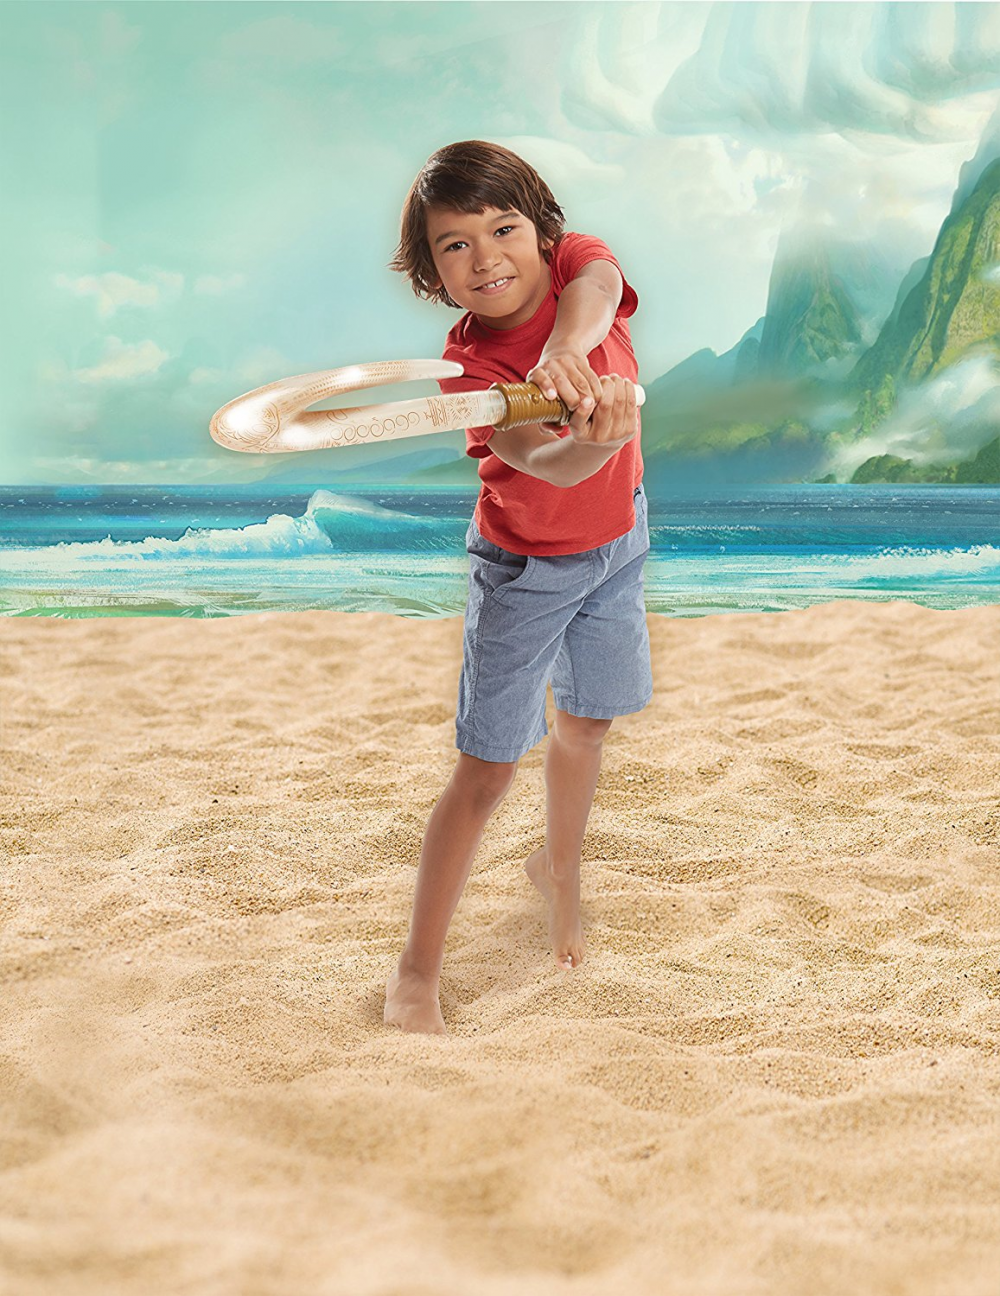 Моана интерактивная игрушка крюк Мауи